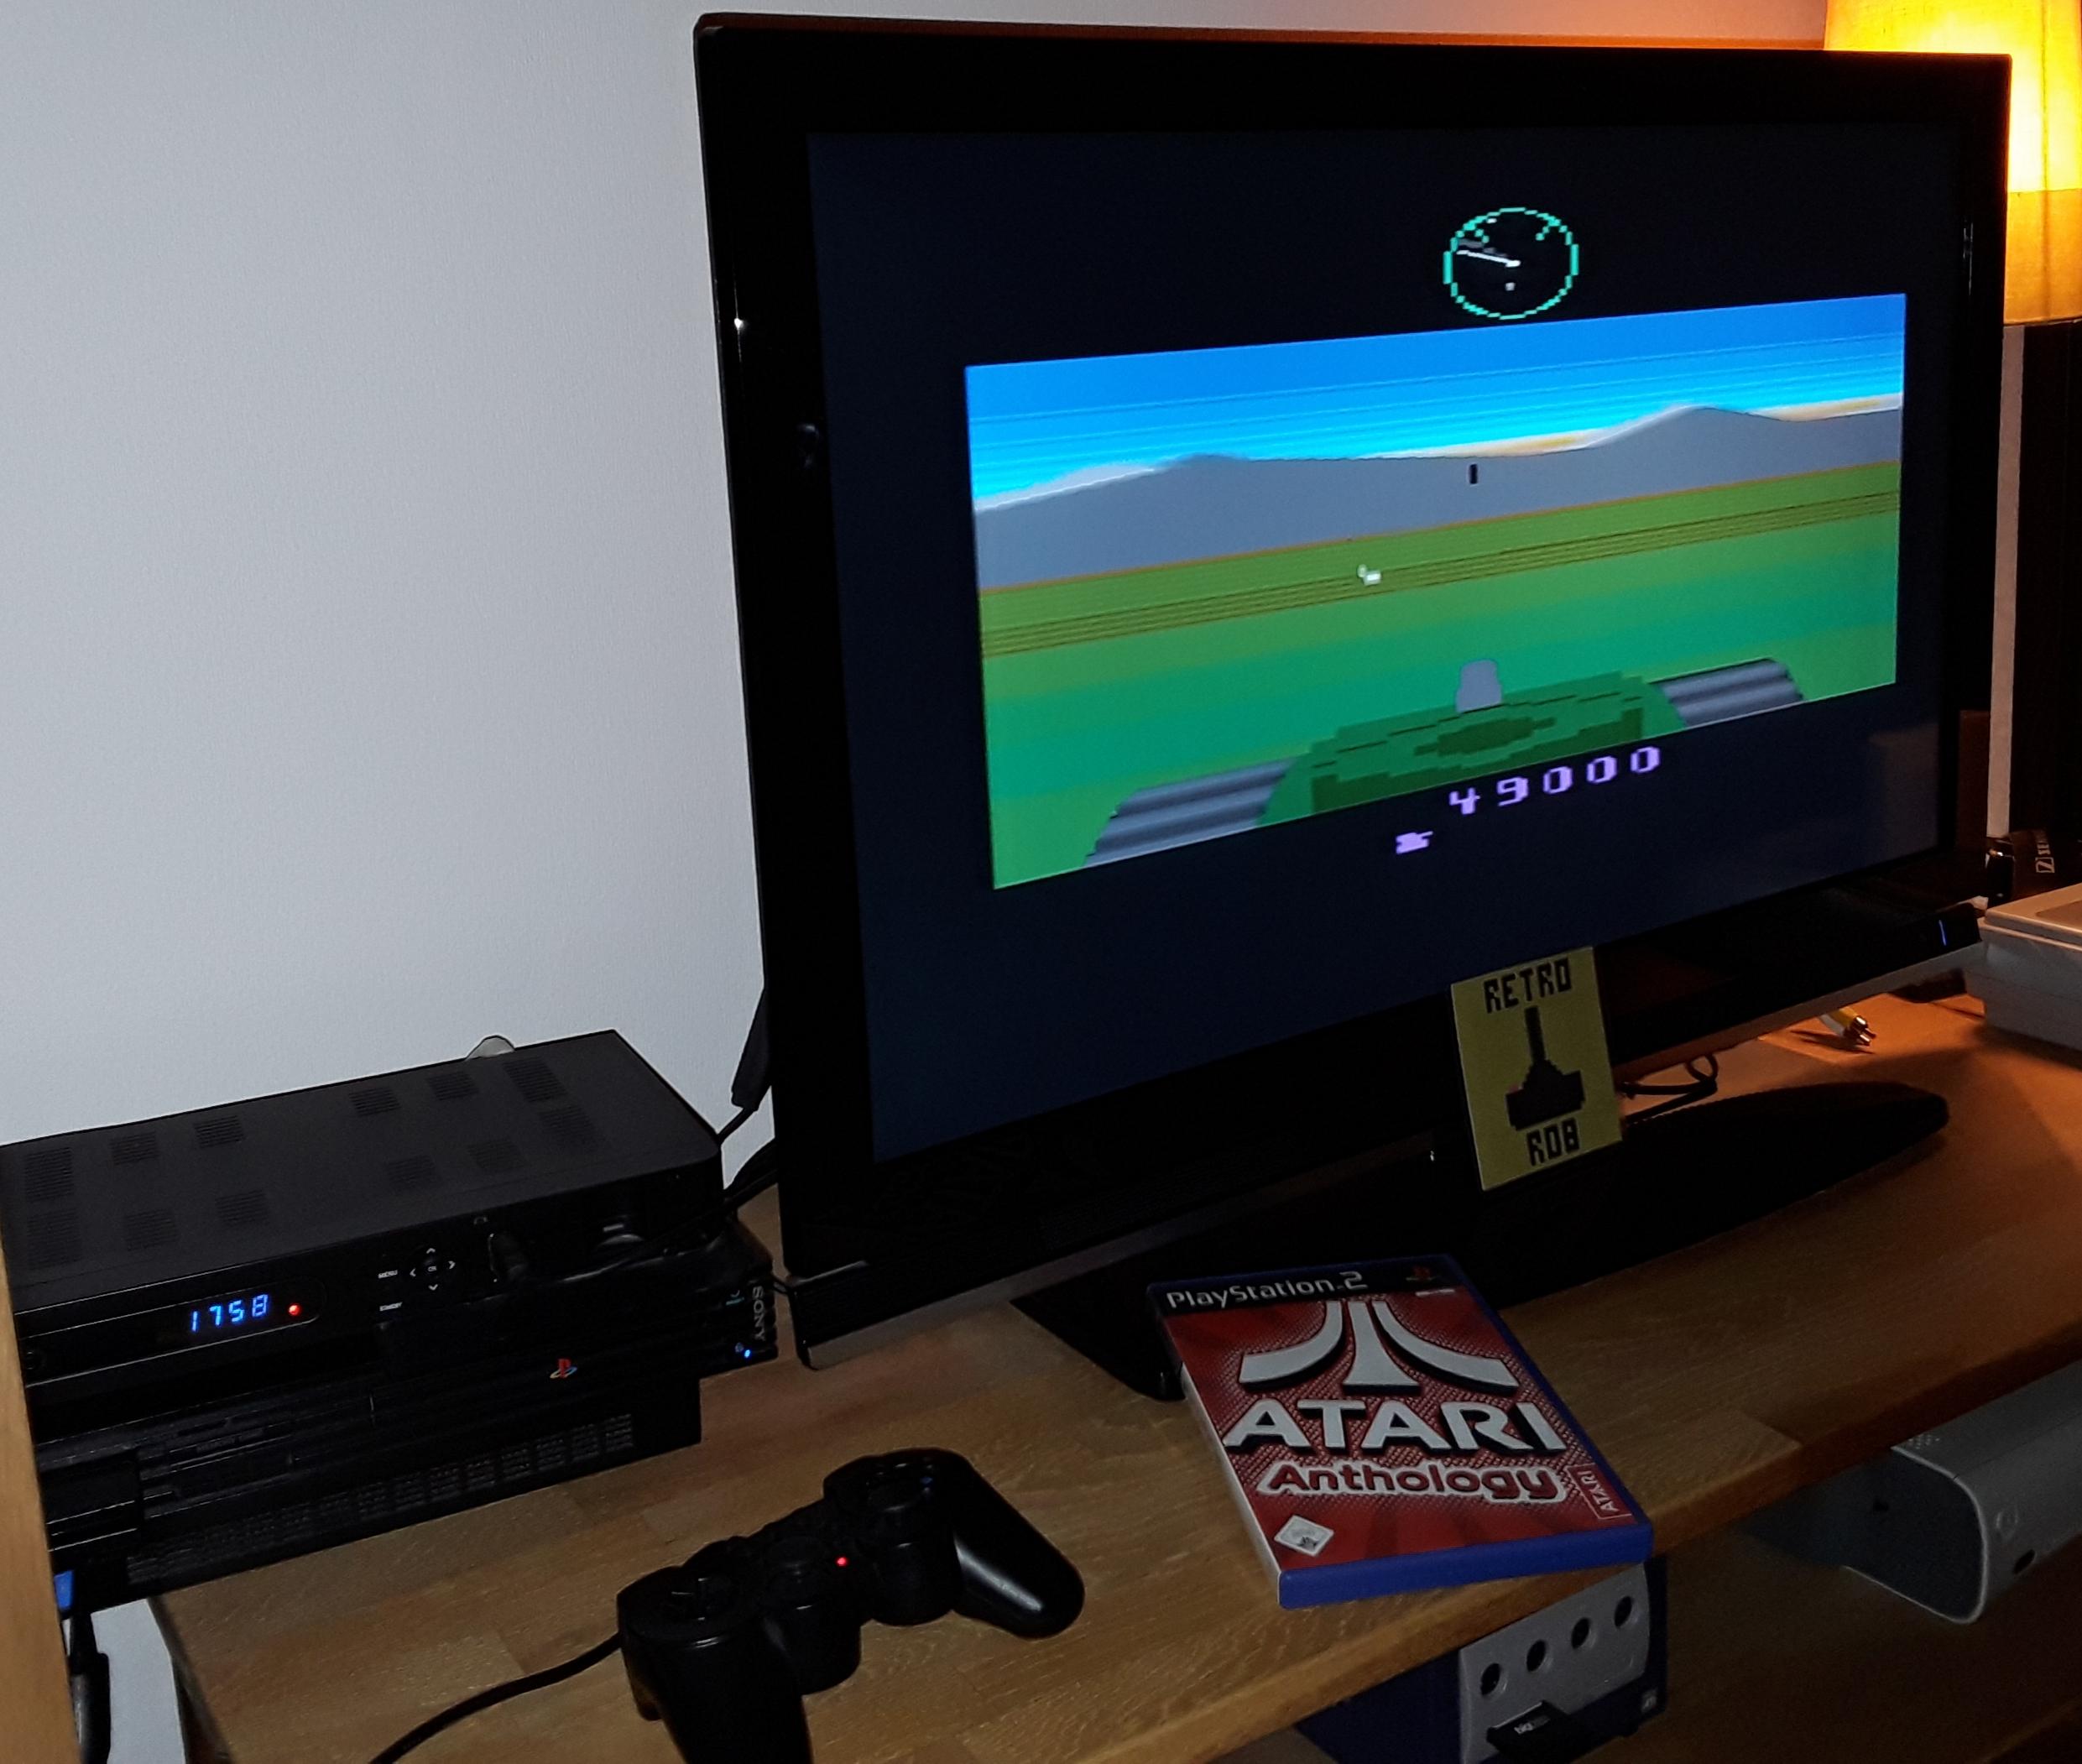 RetroRob: Atari Anthology: Battlezone [2600] (Playstation 2) 49,000 points on 2019-01-29 11:00:38